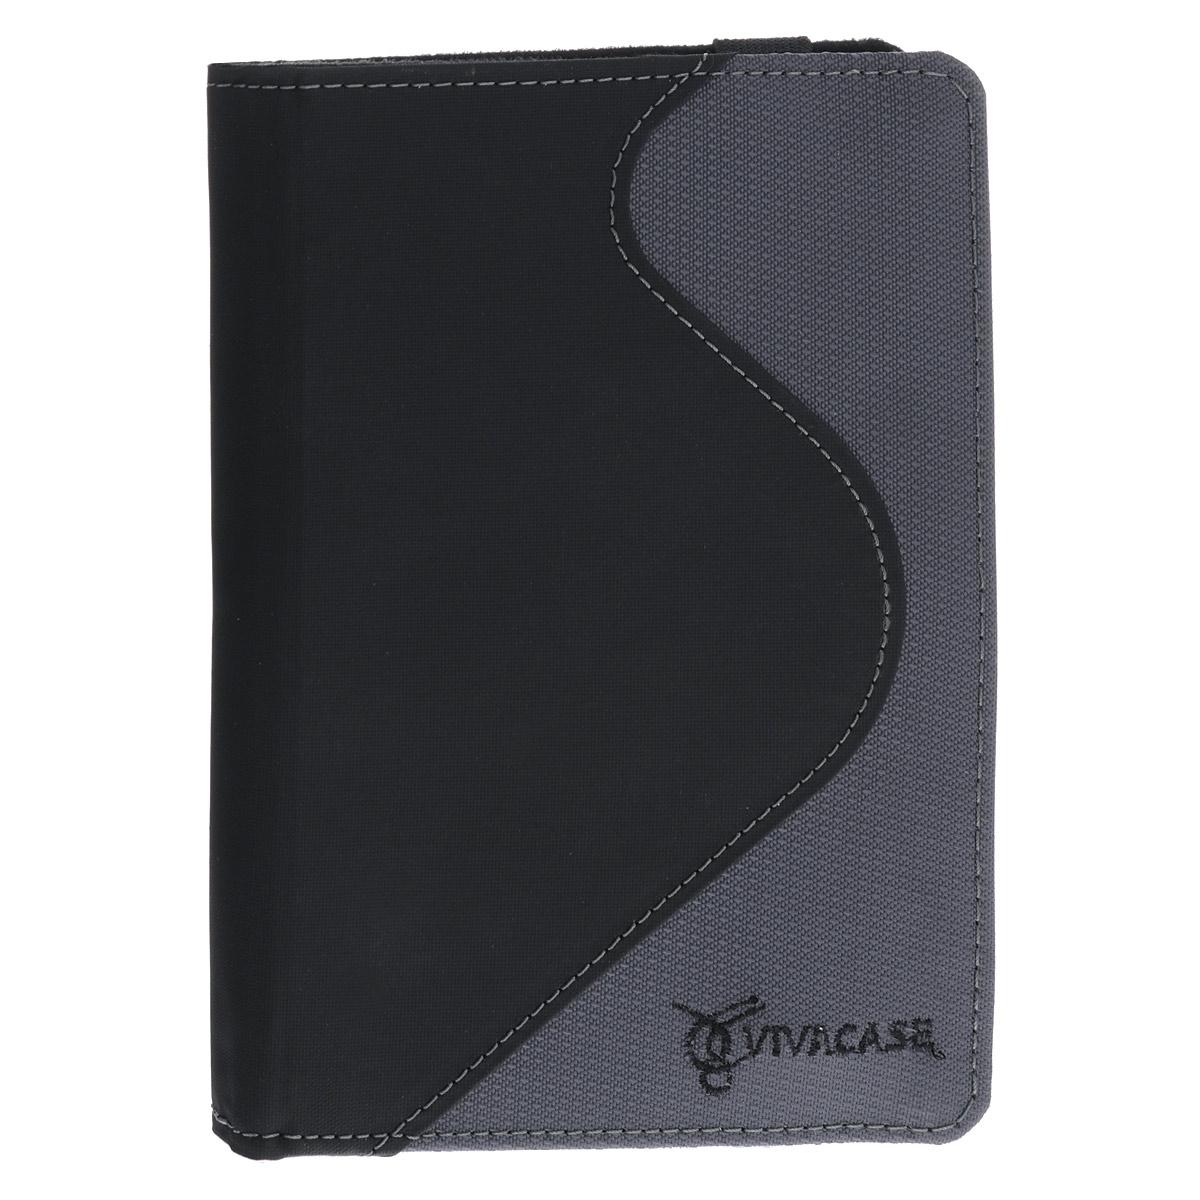 Vivacase S-style Lux обложка для PocketBook Touch 622, Black GreyVPB-Sf622GrСерия чехлов для PocketBook из коллекции S-Style Lux для PocketBook 622 Touch – это воплощение безупречного качества и стиля. Чехлы для PocketBook S-Style Lux изготовлены из качественной, дышащей ПУ-кожи и плотной ткани. Крепление EVS позволяет надежно зафиксировать устройство. Такая обложка не только защищает ее от повреждений, но и делает ее использование более удобным.Совместимость:PocketBook 611/613PocketBook 614/622/623/624/626